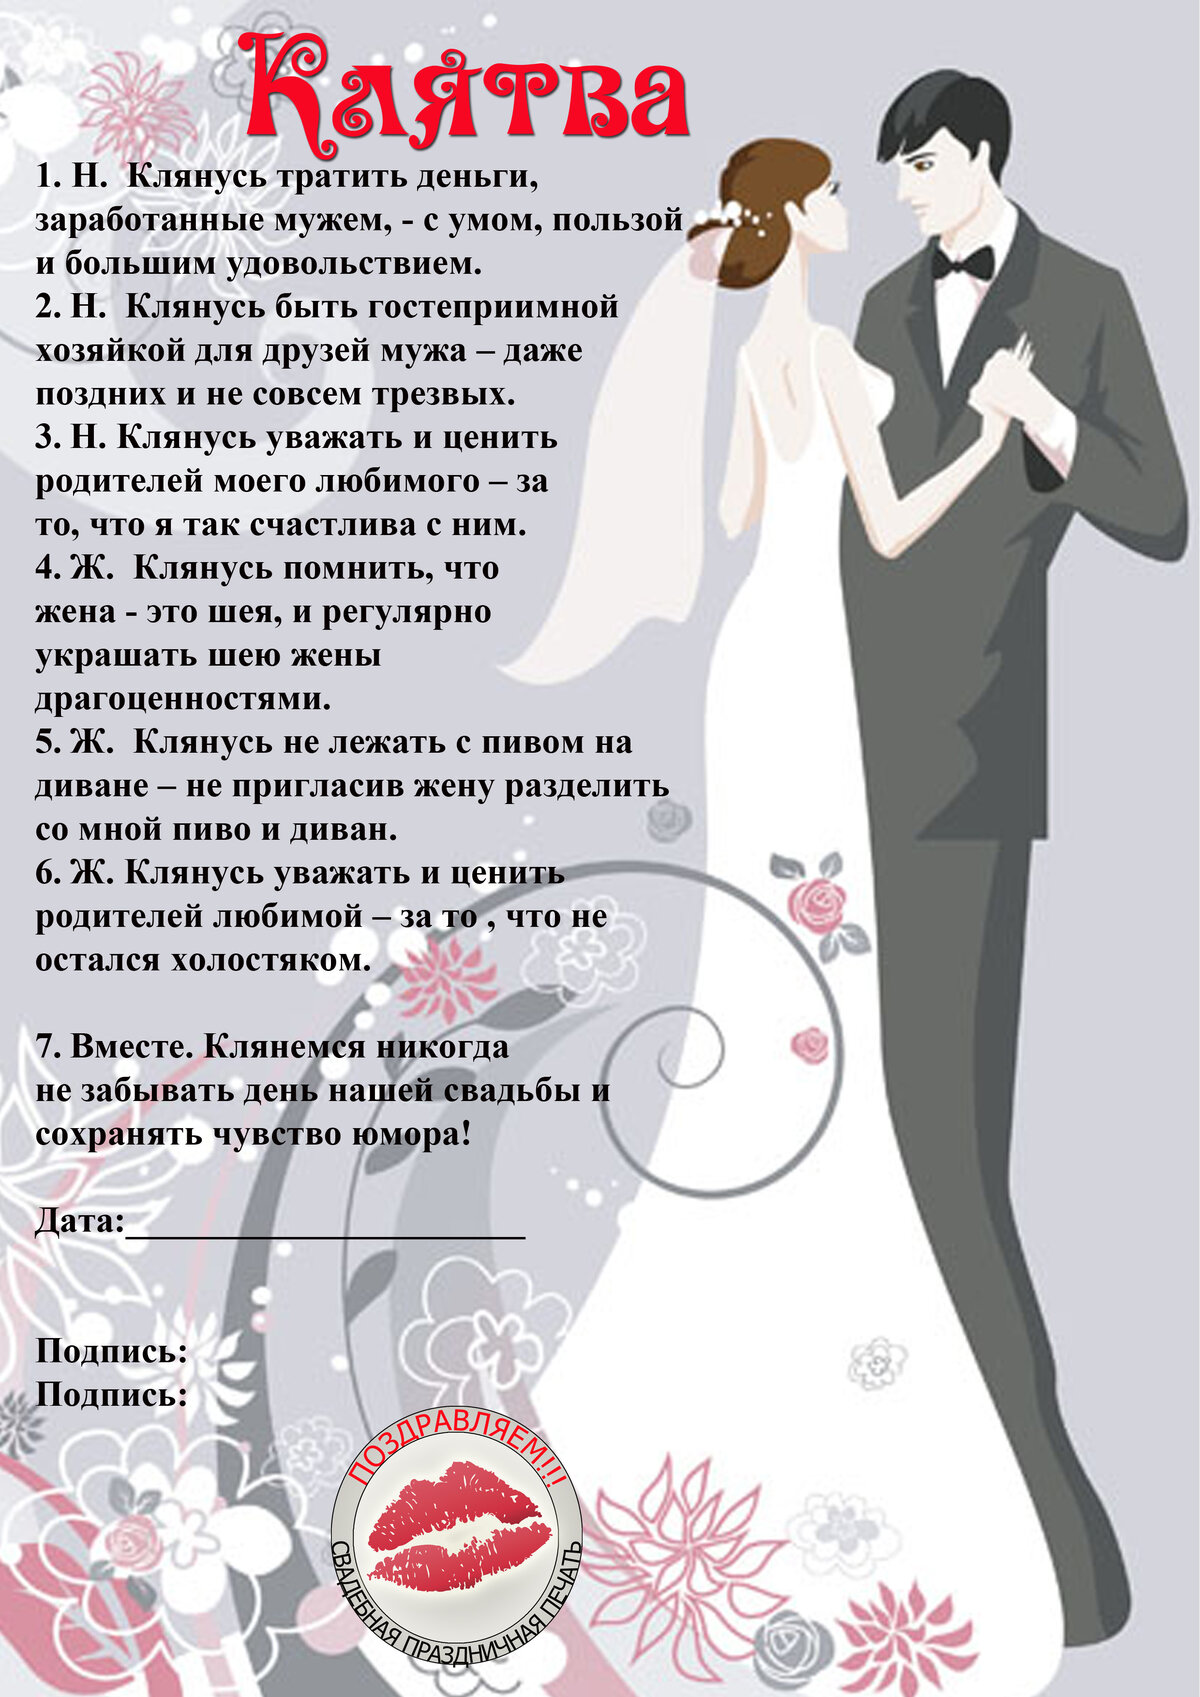 Поздравления жениху перед свадьбой